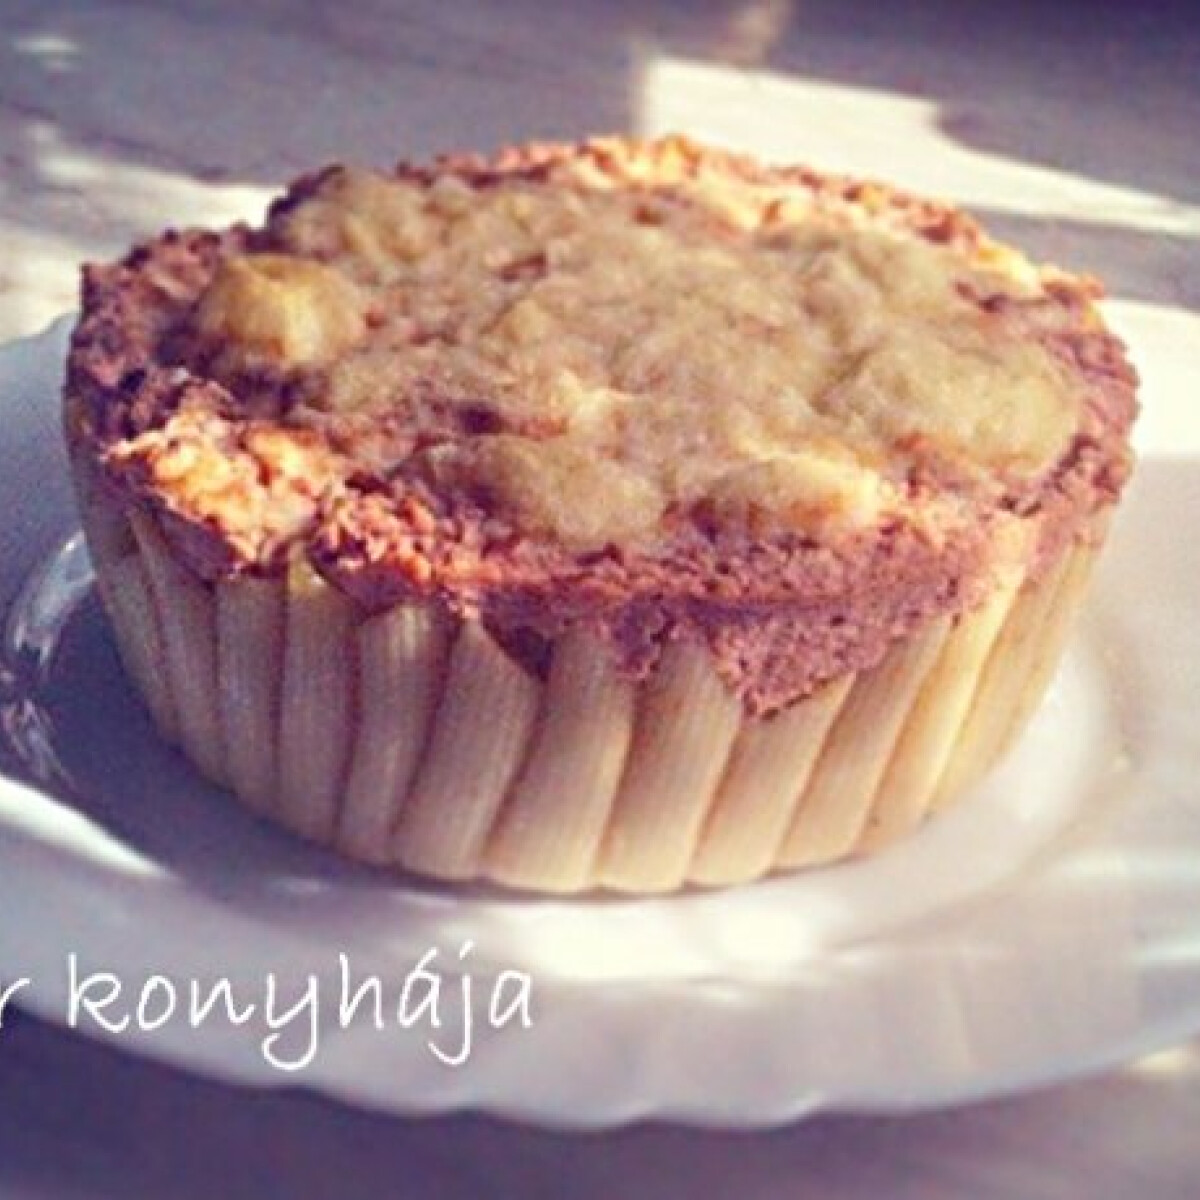 Ezen a képen: Diétás bolognai torta